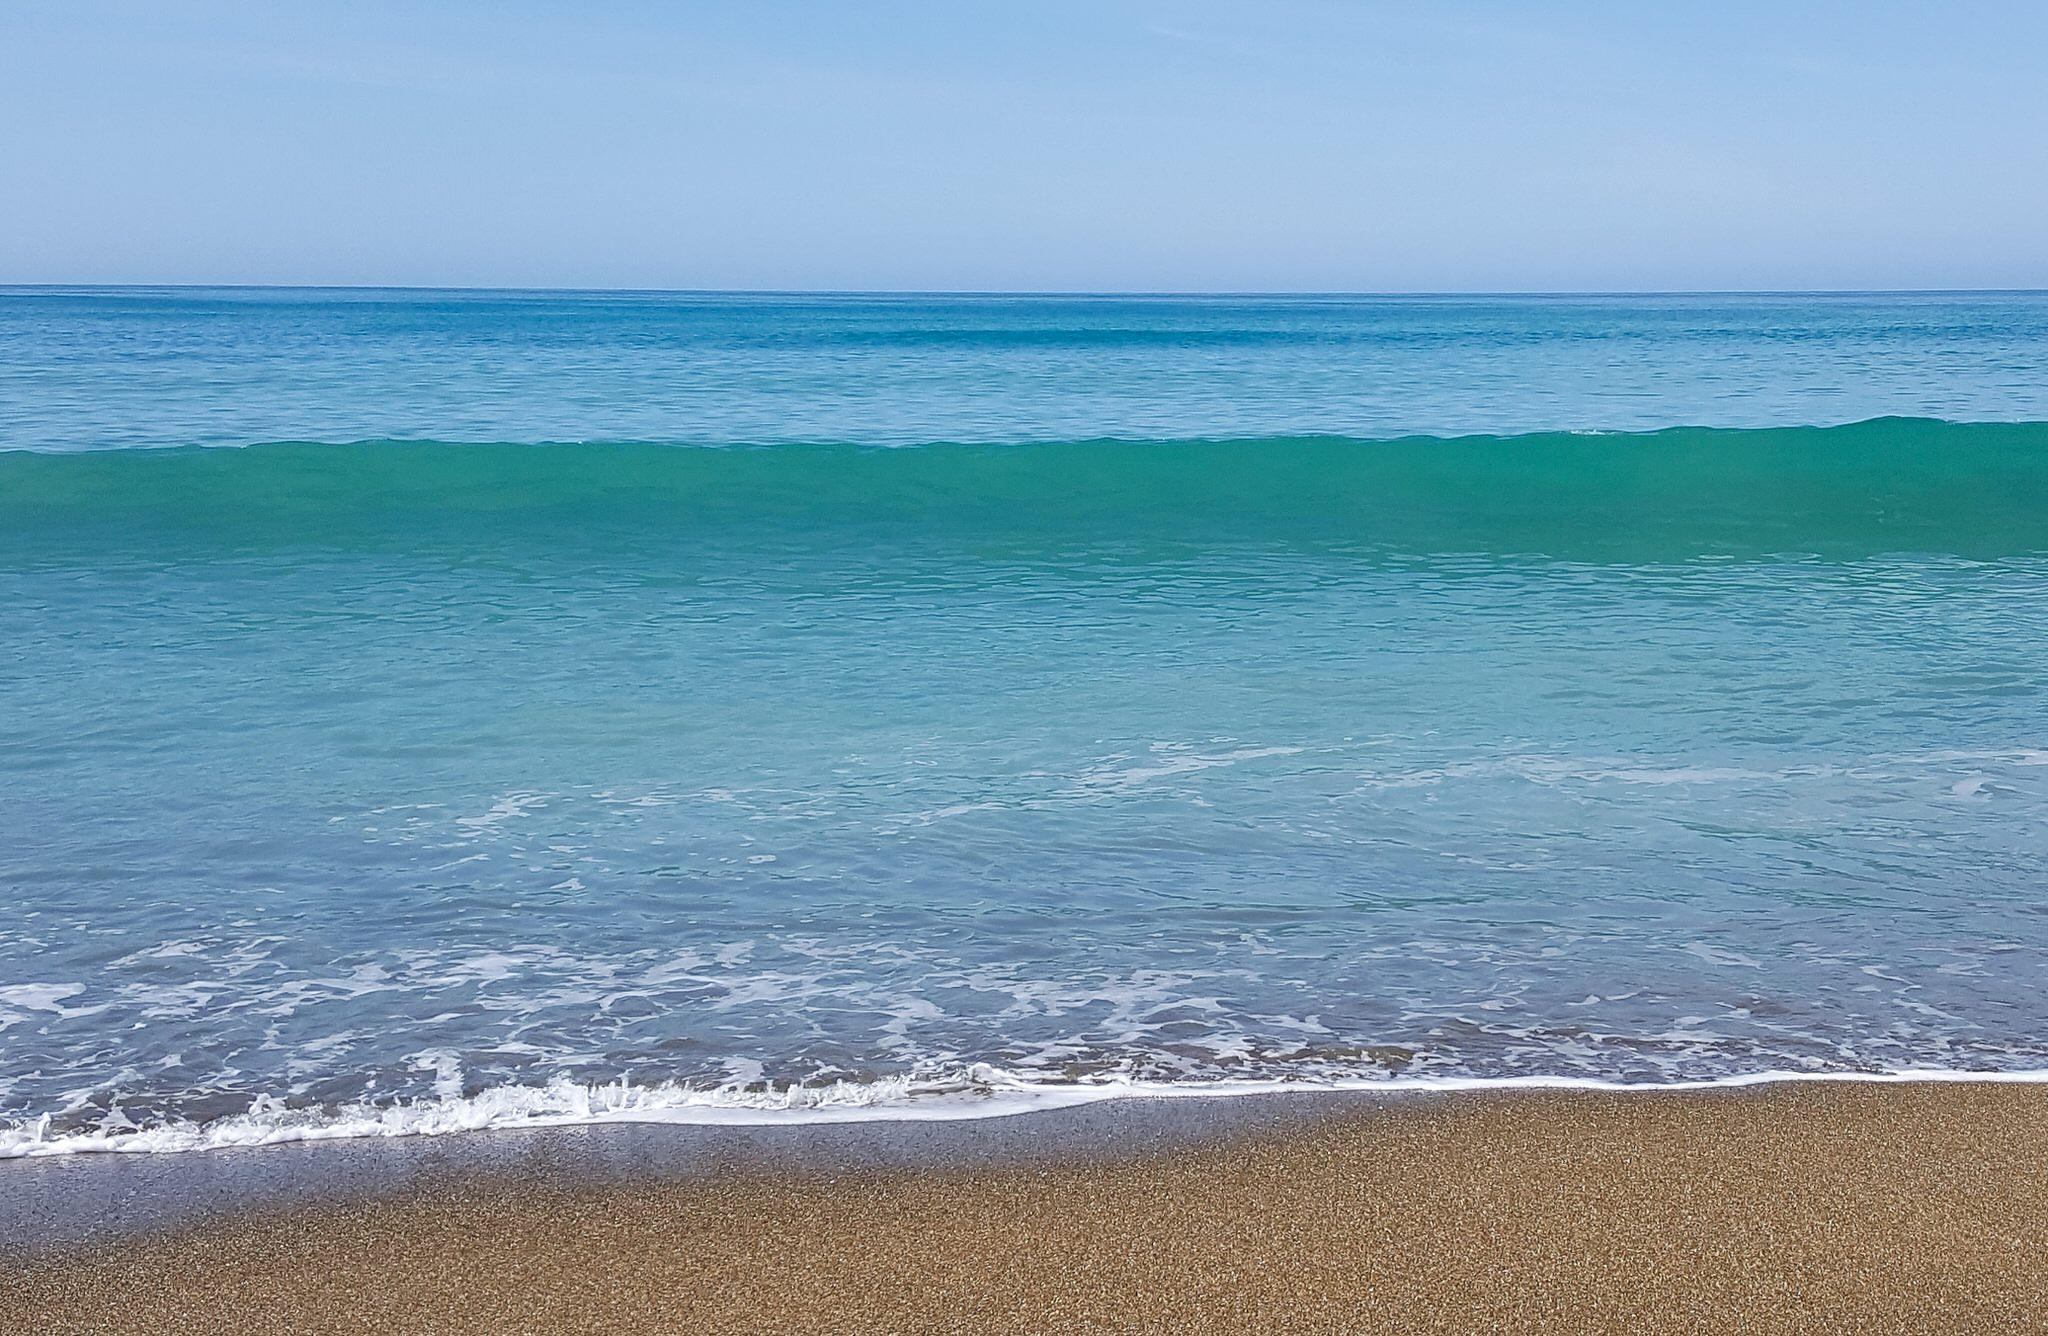 ocean-oamaru-new-zealand.jpg